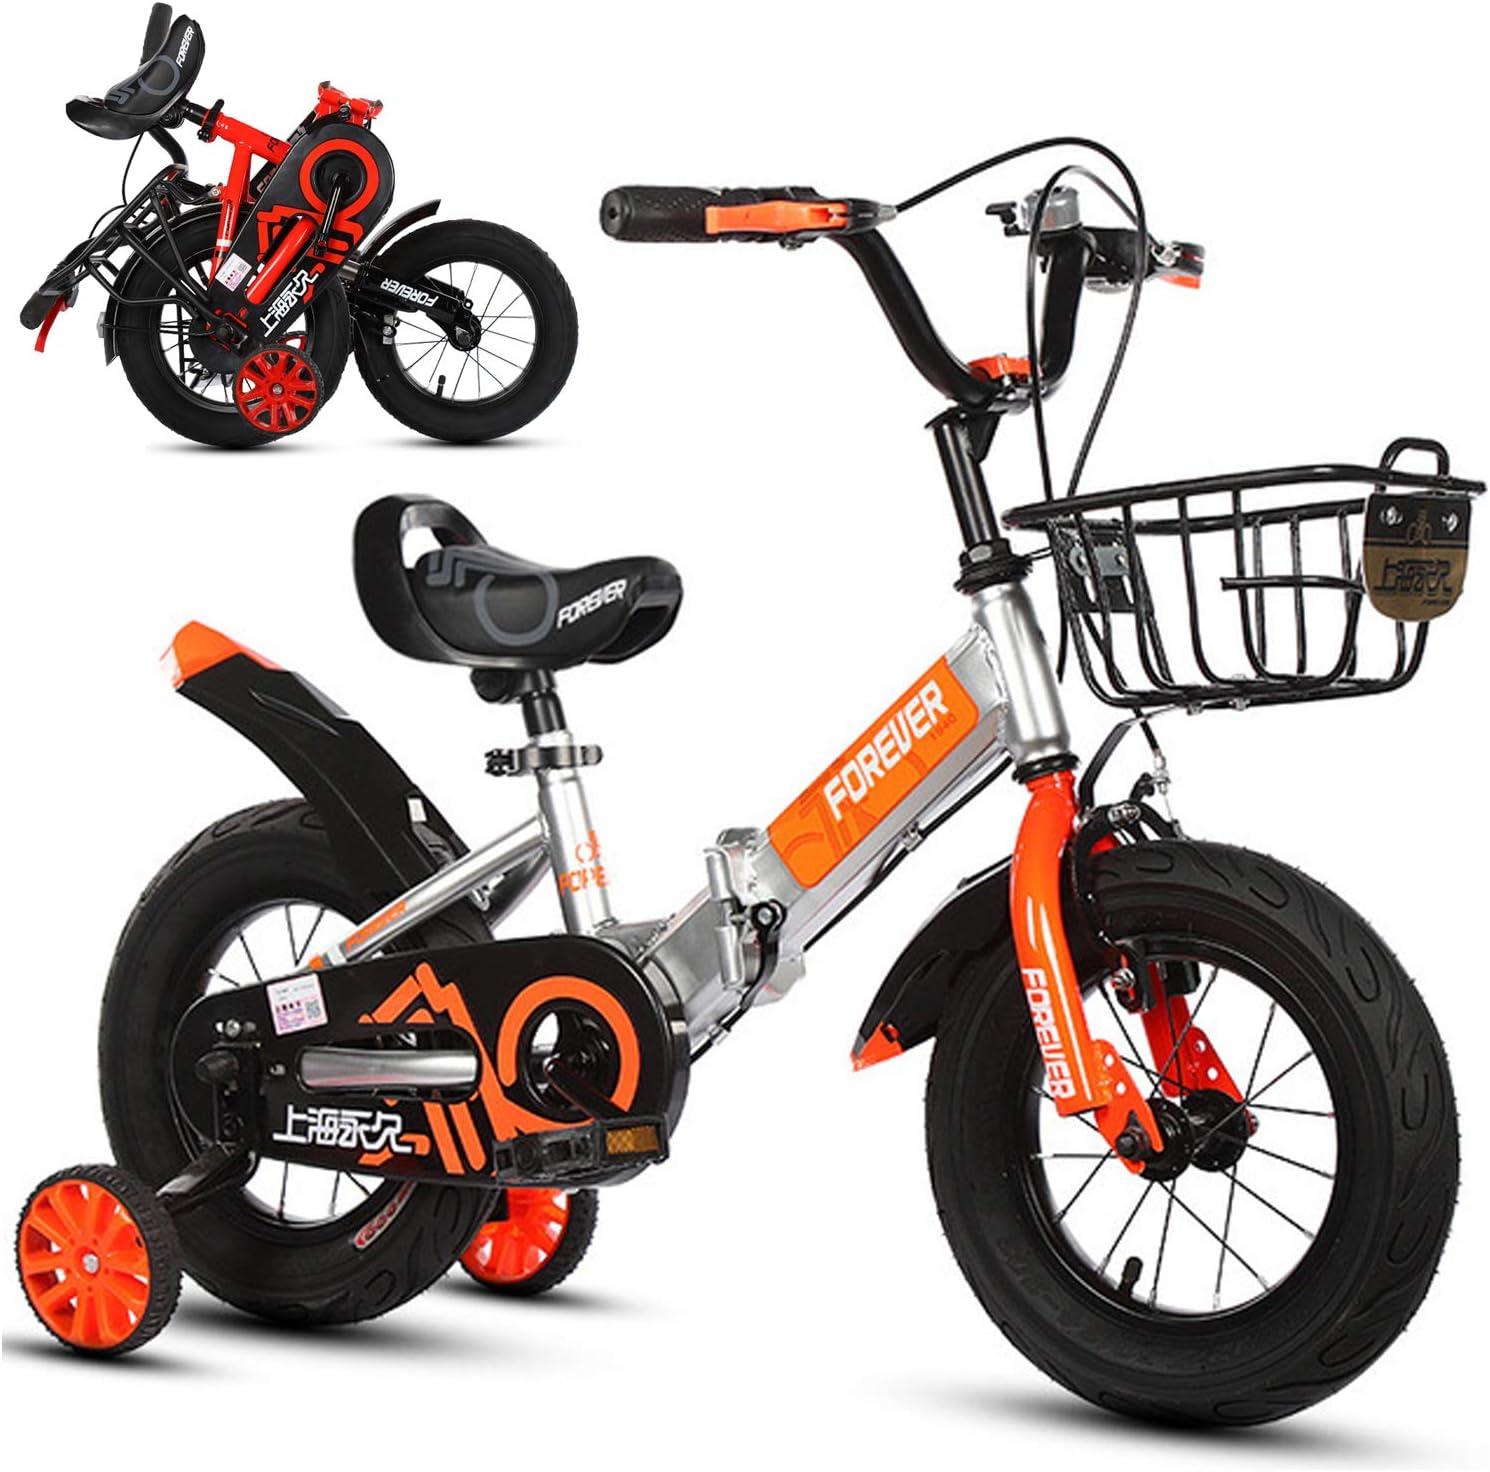 Bospyaf Infantil Bicicleta Plegable, niños y niñas Bicicleta, absorción de Impactos y Antideslizante, 12 Pulgadas / 14 Pulgadas / 16 Pulgadas / 18 Pulgadas / 20 Pulgadas Bicicleta Plegable,Plata,16